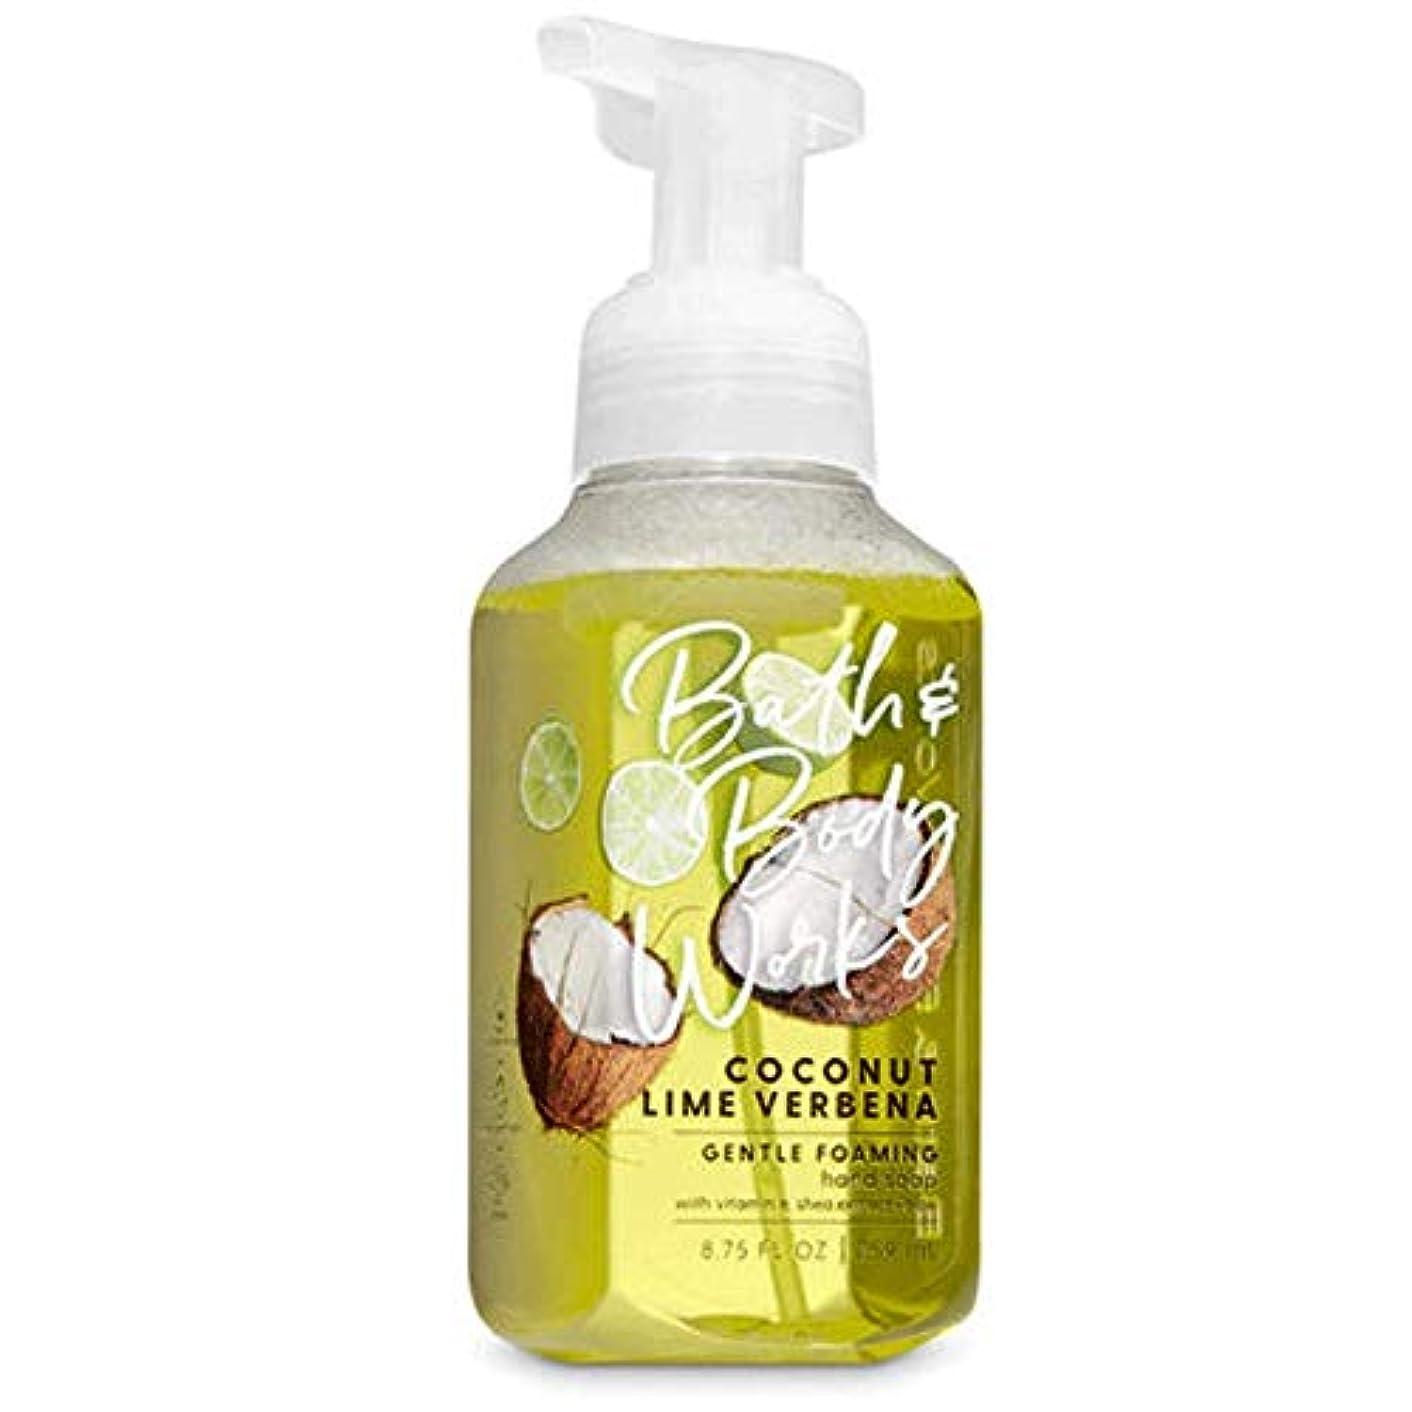 スラック証明ラップトップバス&ボディワークス ココナッツライムバーベナ ジェントル フォーミング ハンドソープ Coconut Lime Verbena Gentle Foaming Hand Soap